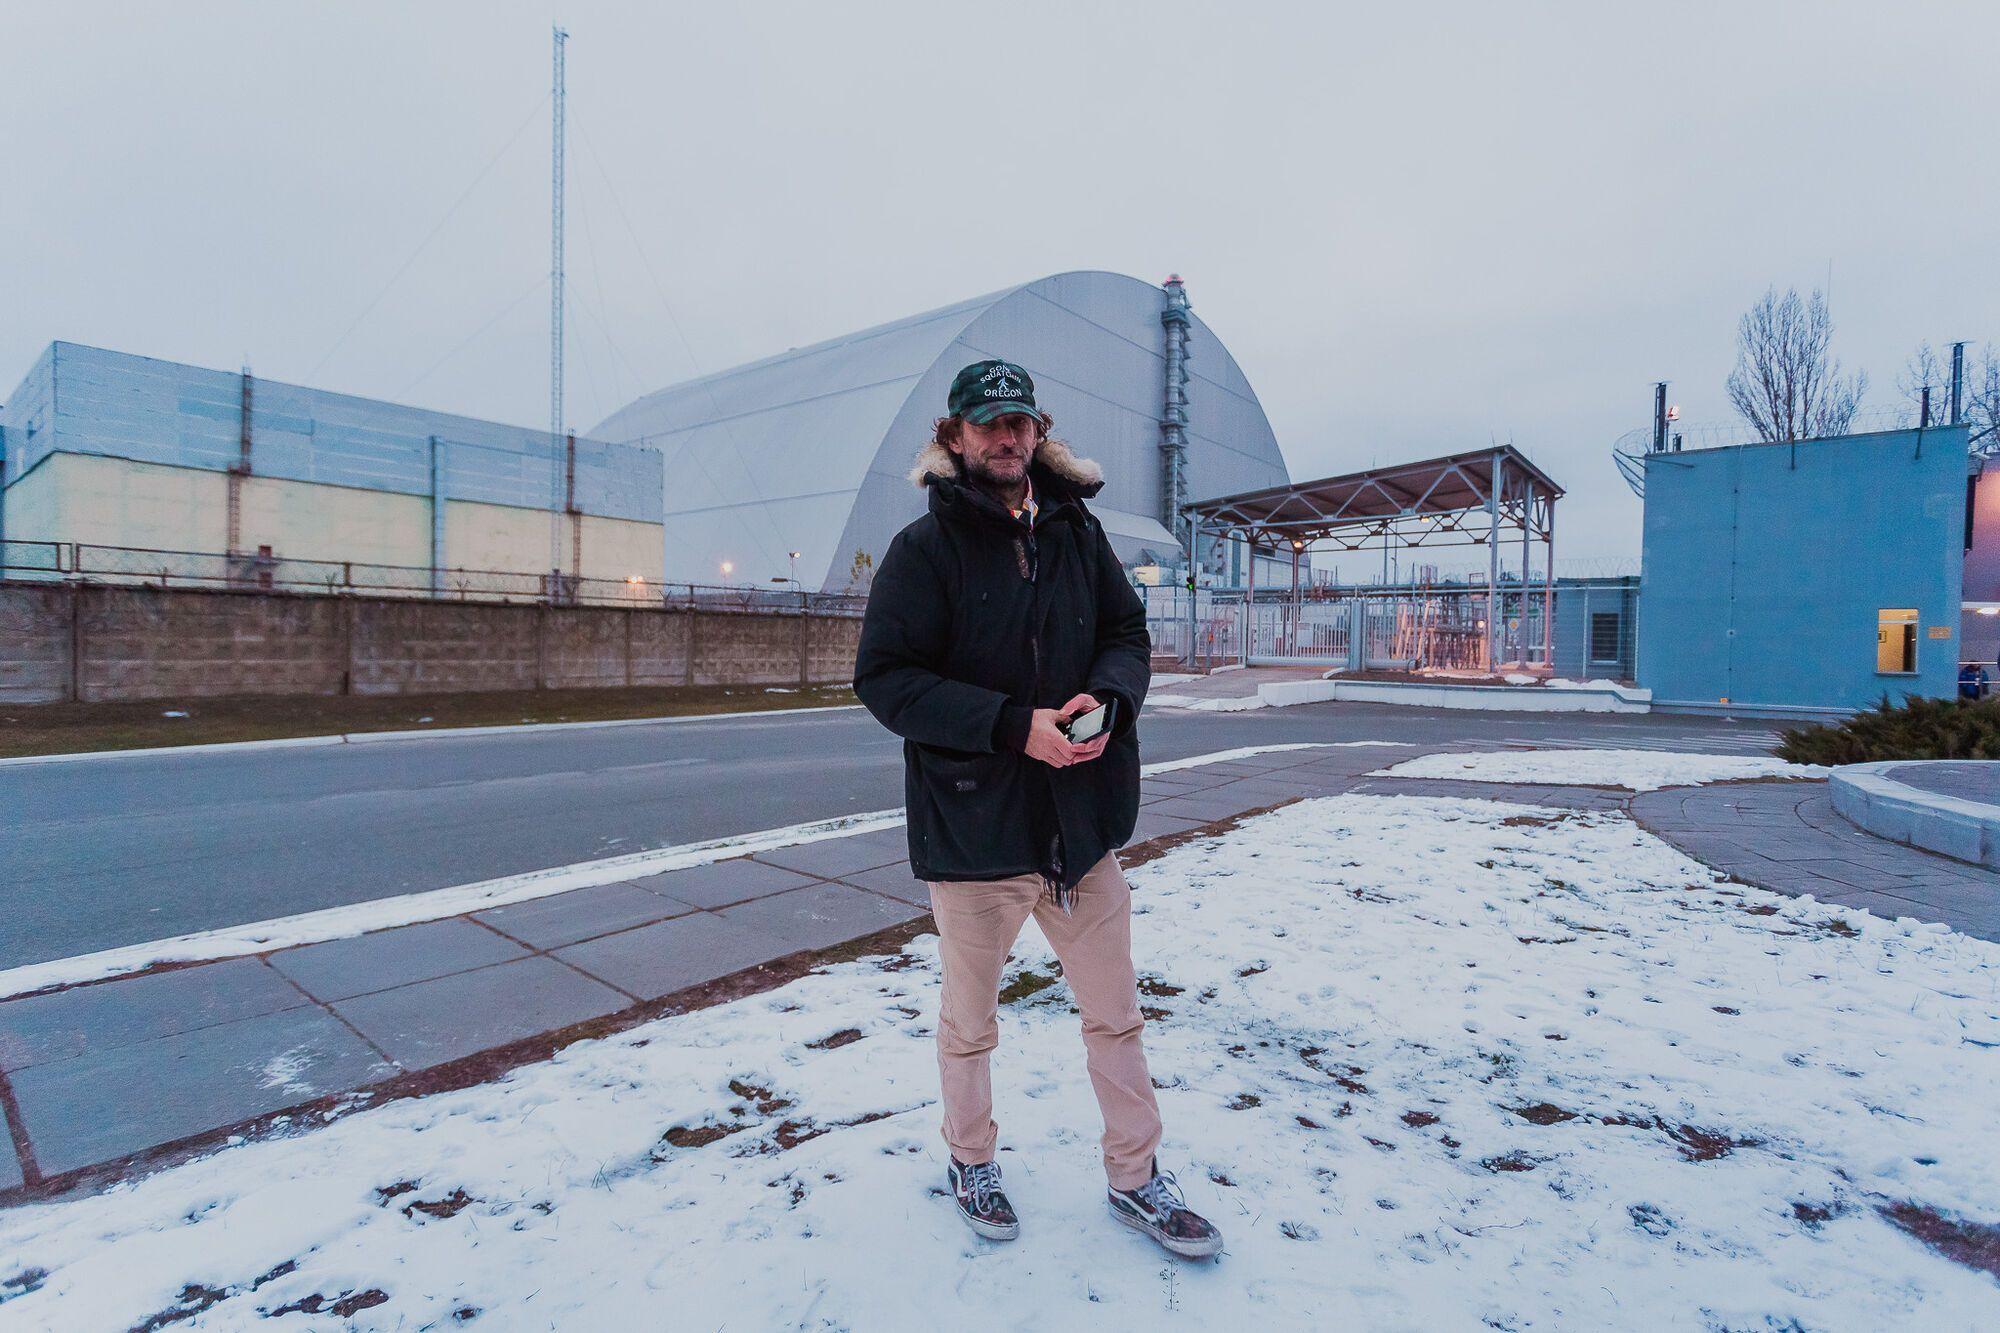 Telepopmusik зняли кліп у Чорнобилі.